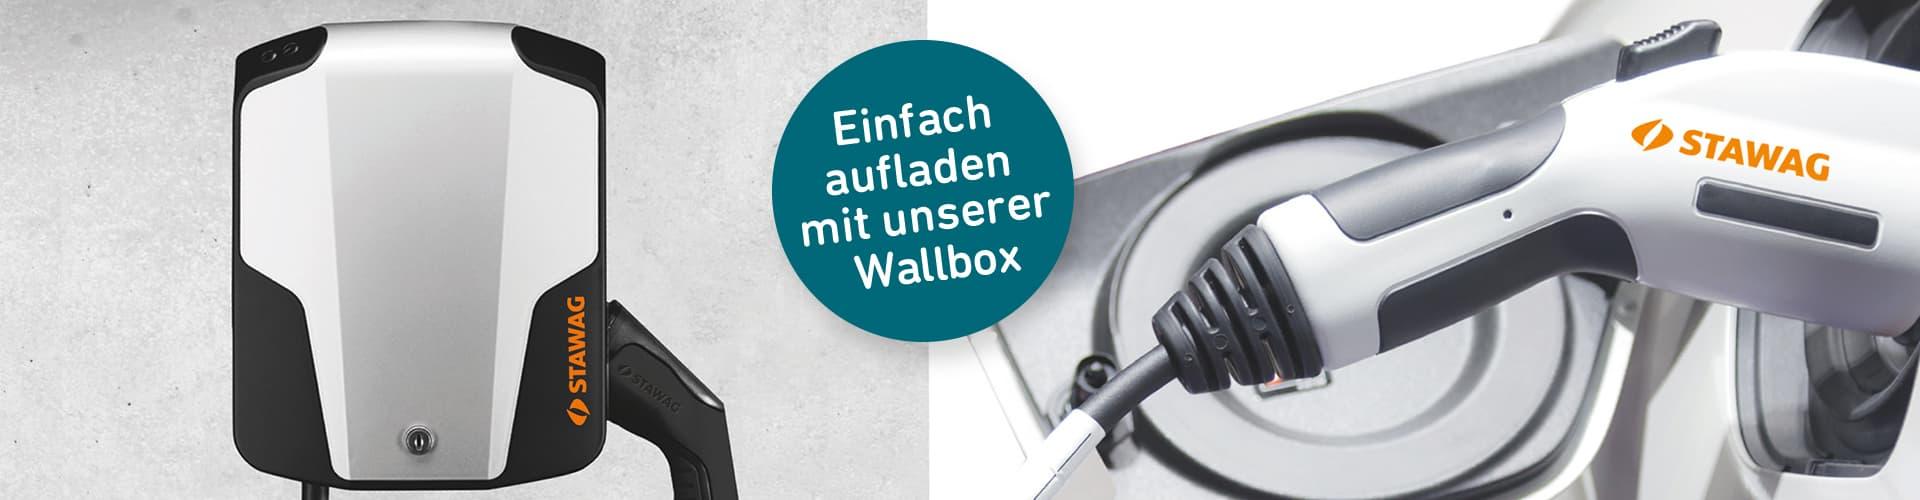 Wallbox mit Ladekabel mit Banner und STAWAG Print